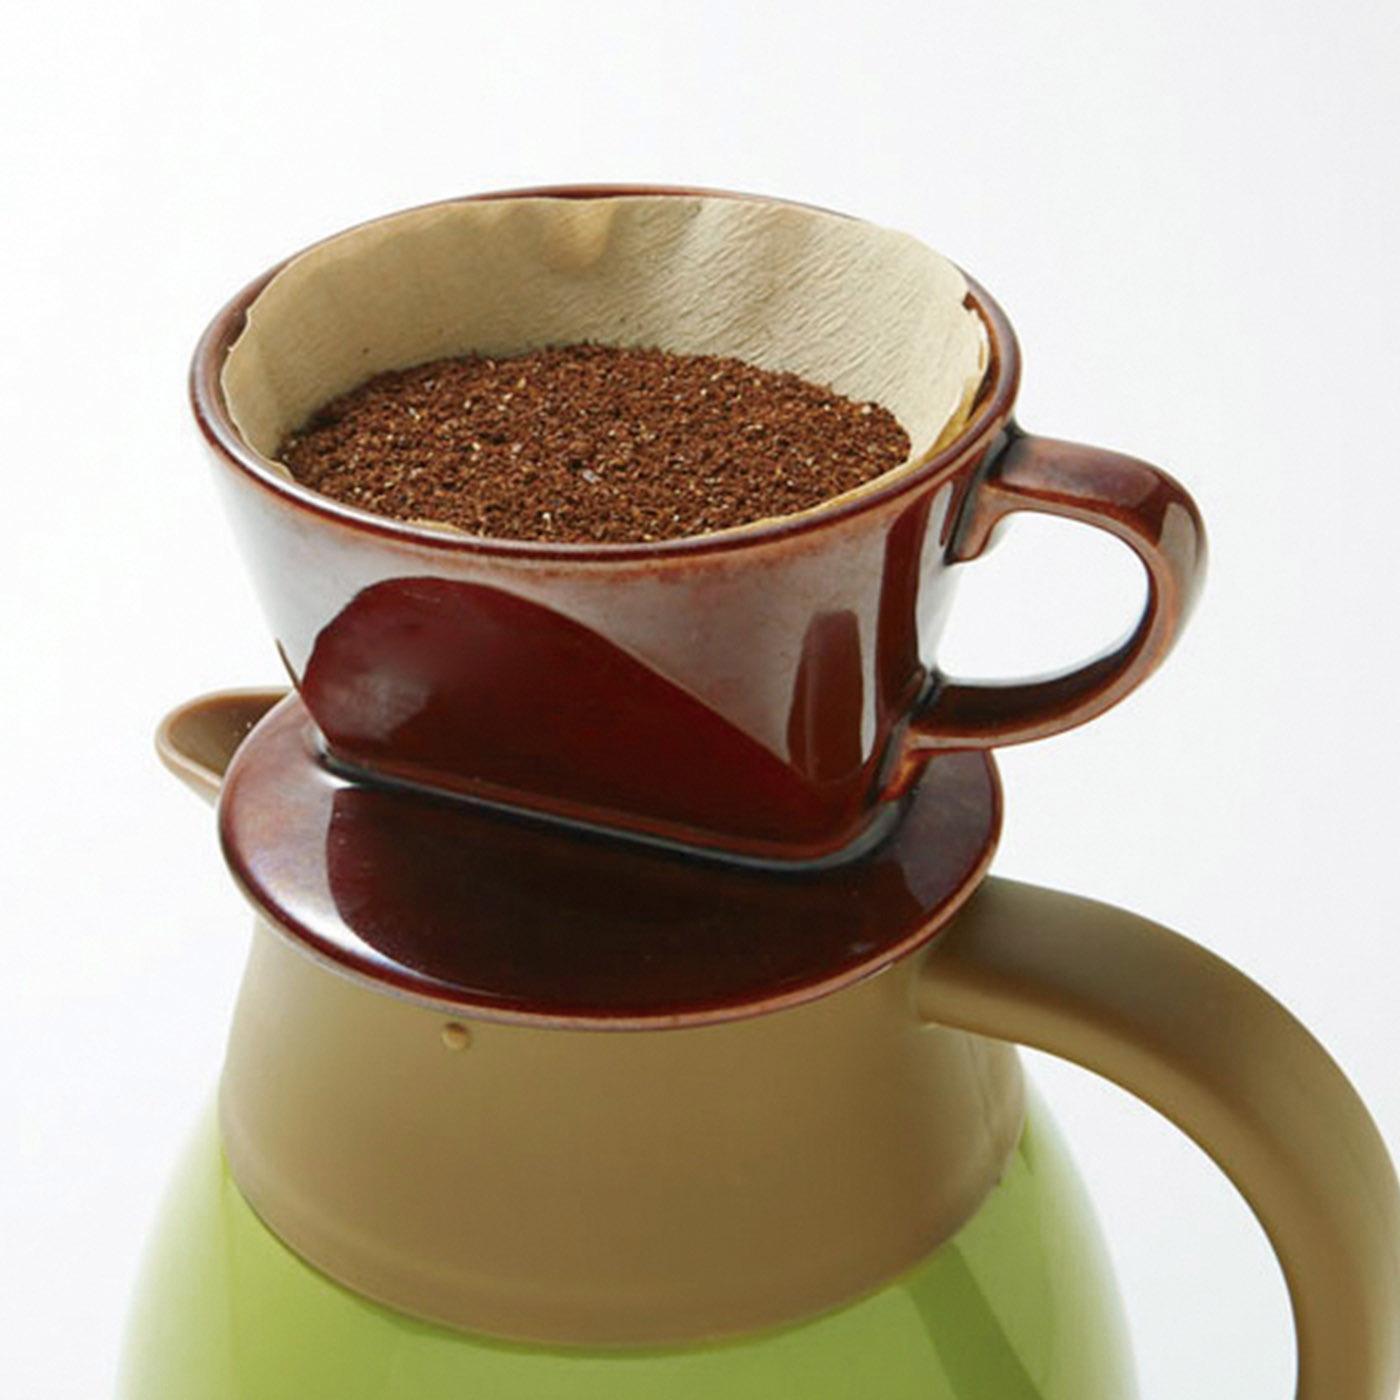 市販のコーヒードリッパーを直接セットして、そのままドリップも。